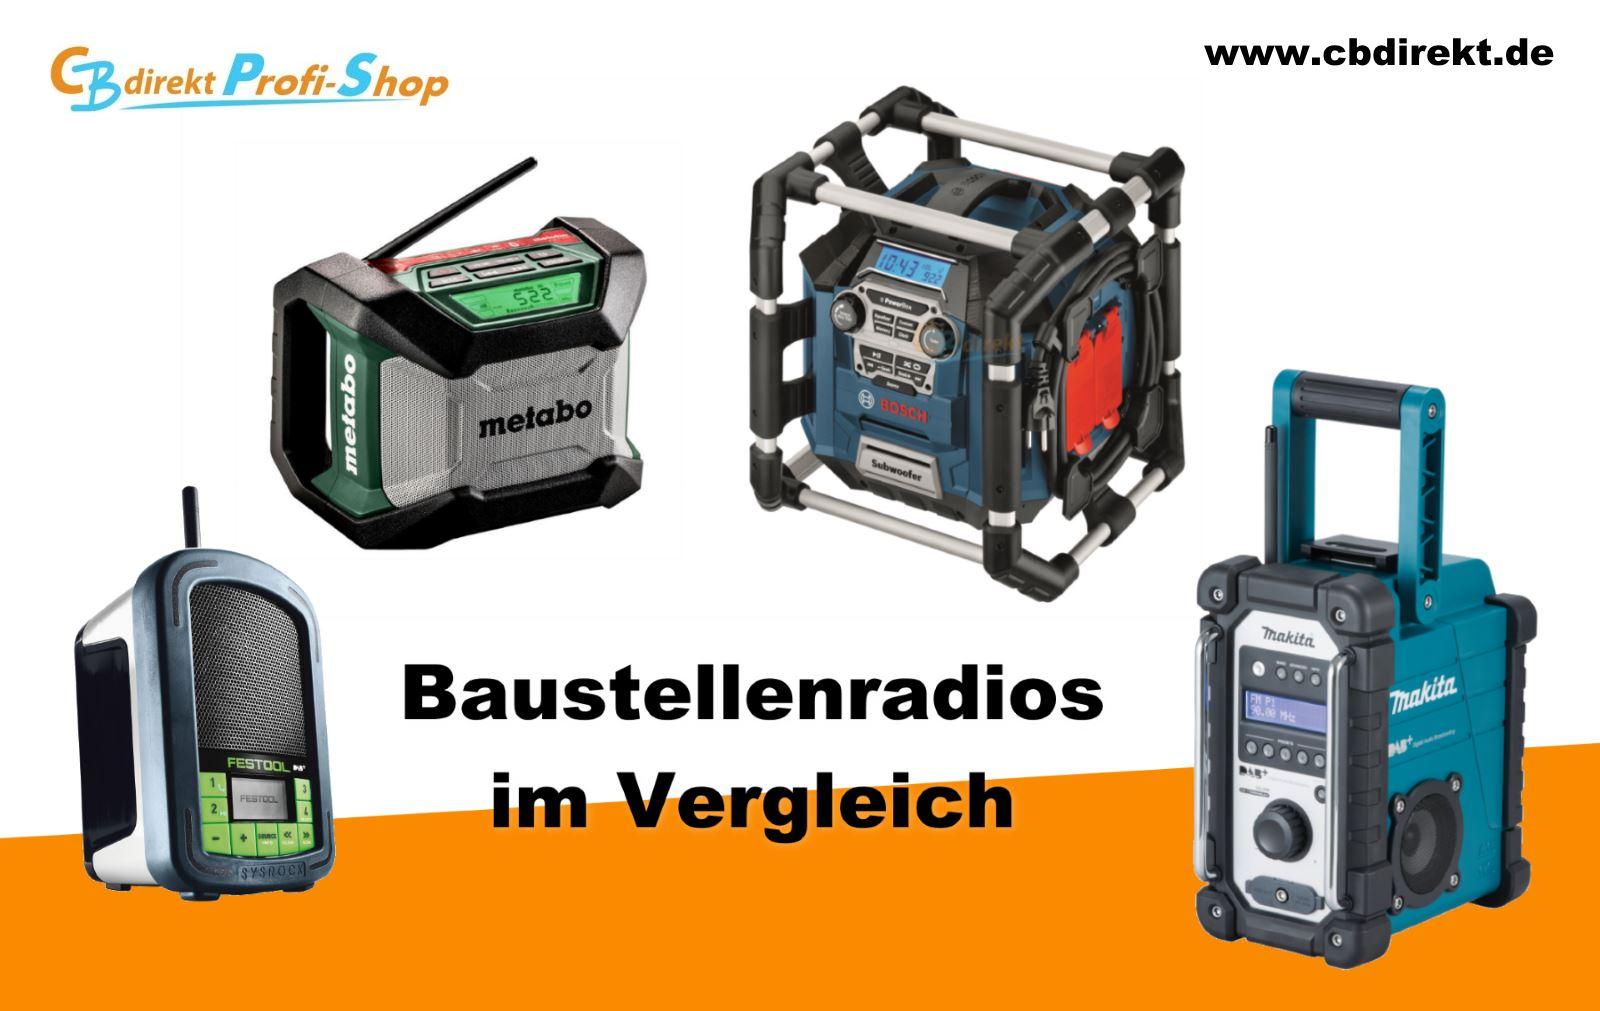 Baustellenradios im Vergleich Festool Bosch Makita Metabo